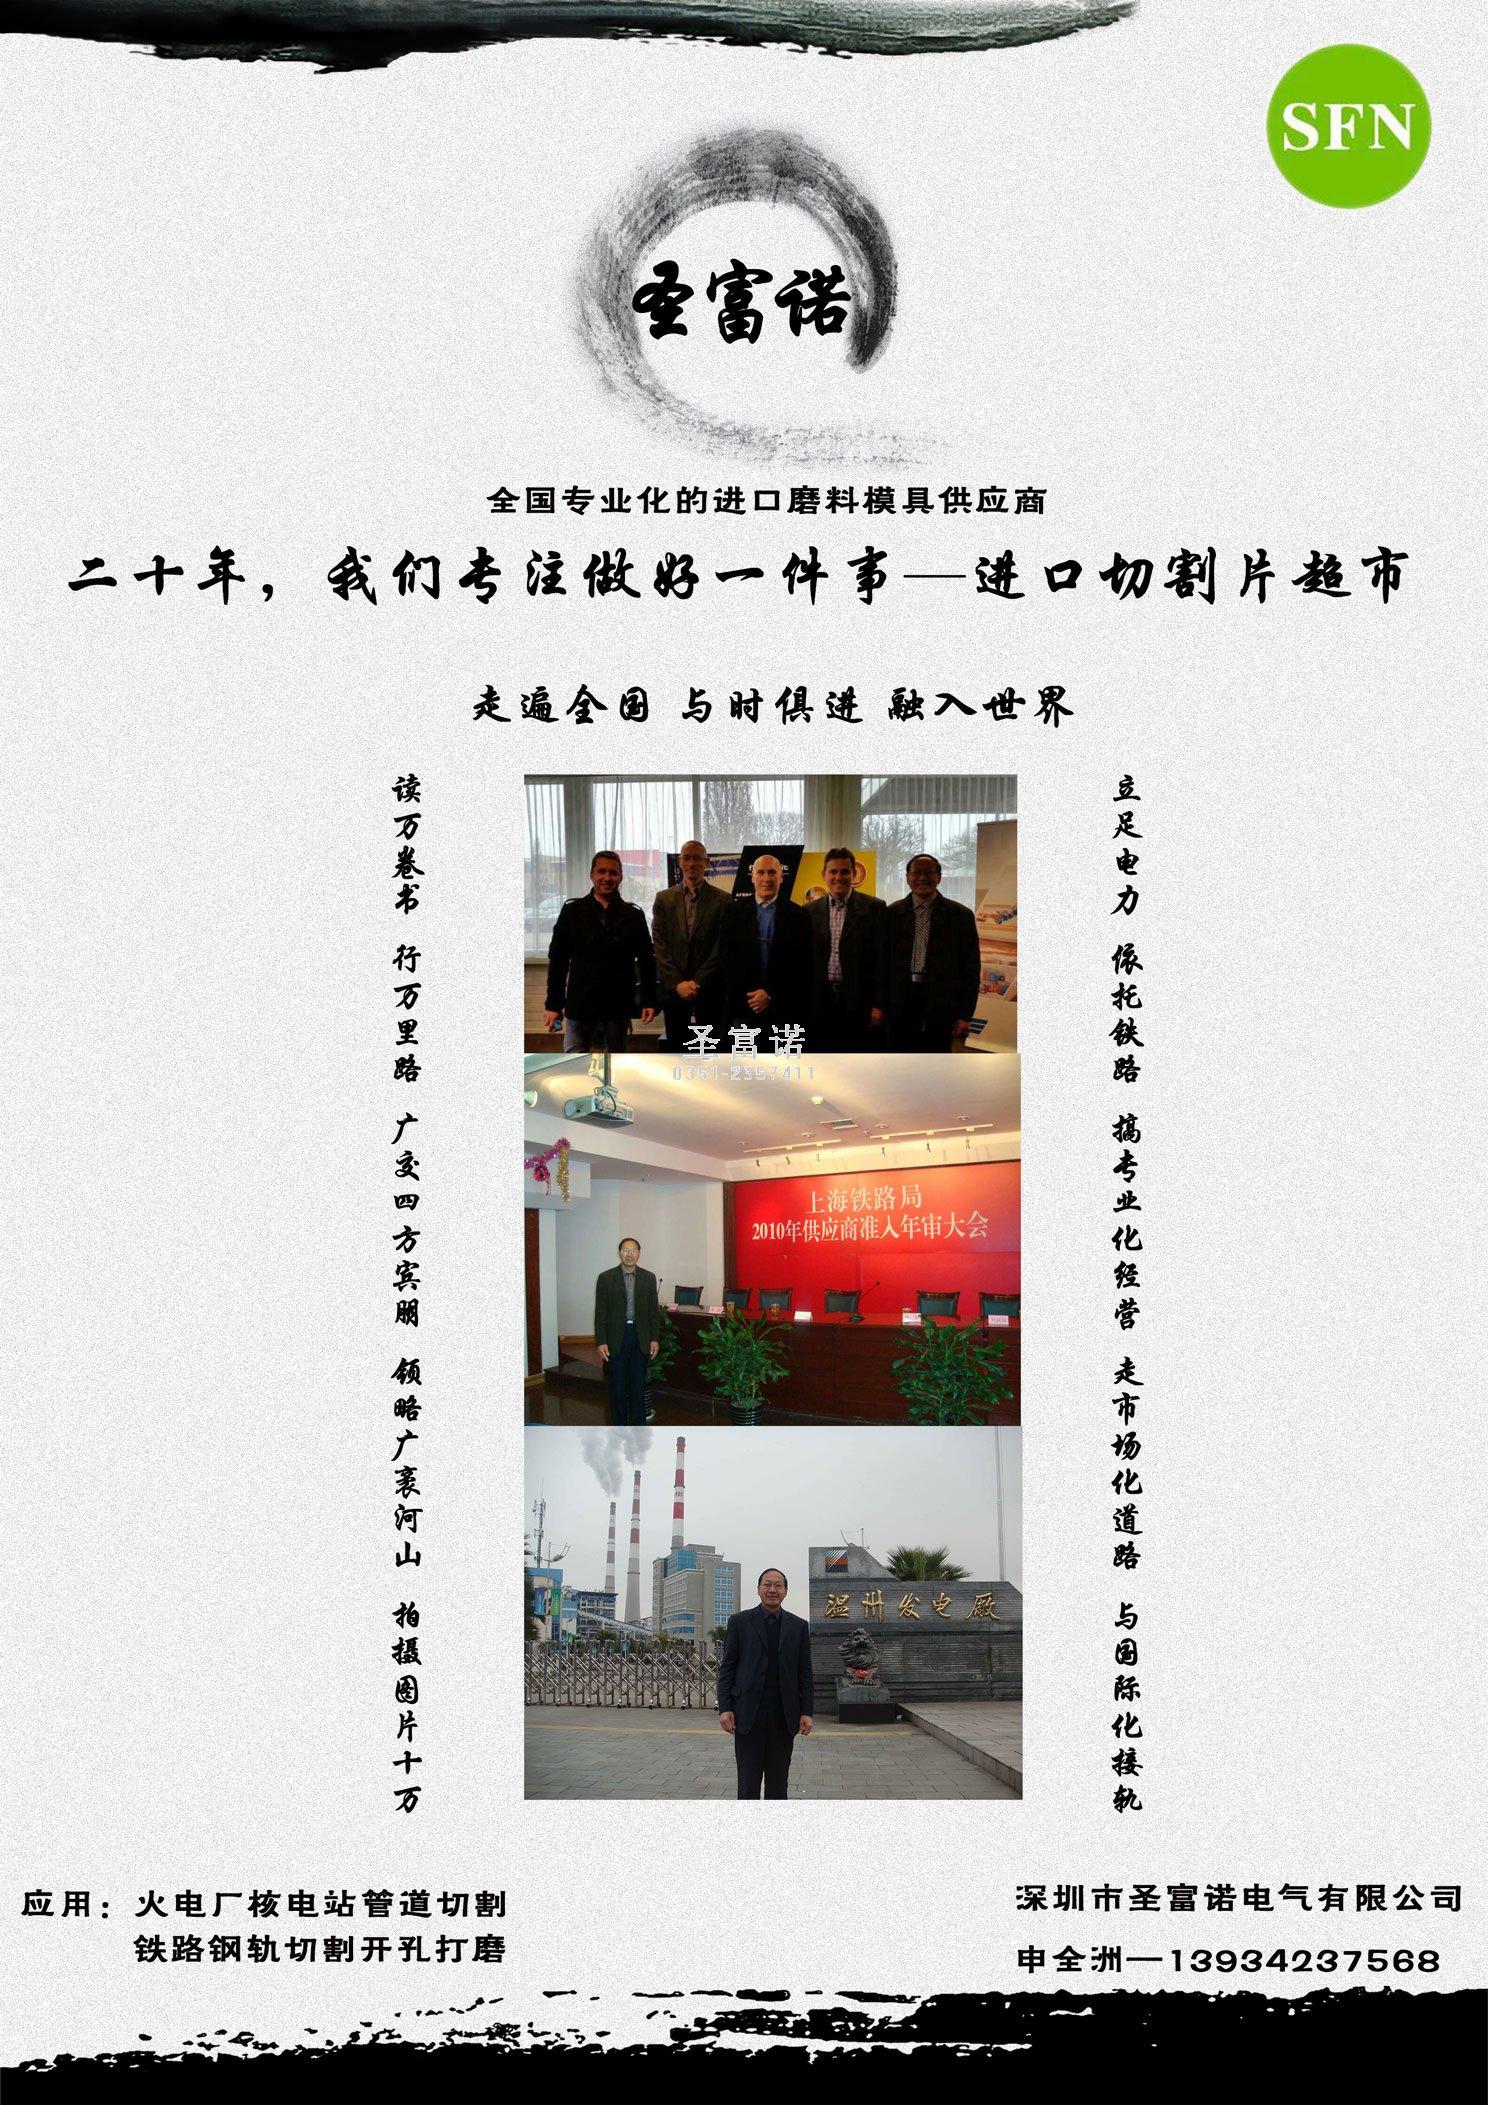 深圳市圣富诺电气有限公司宗旨及经营理念